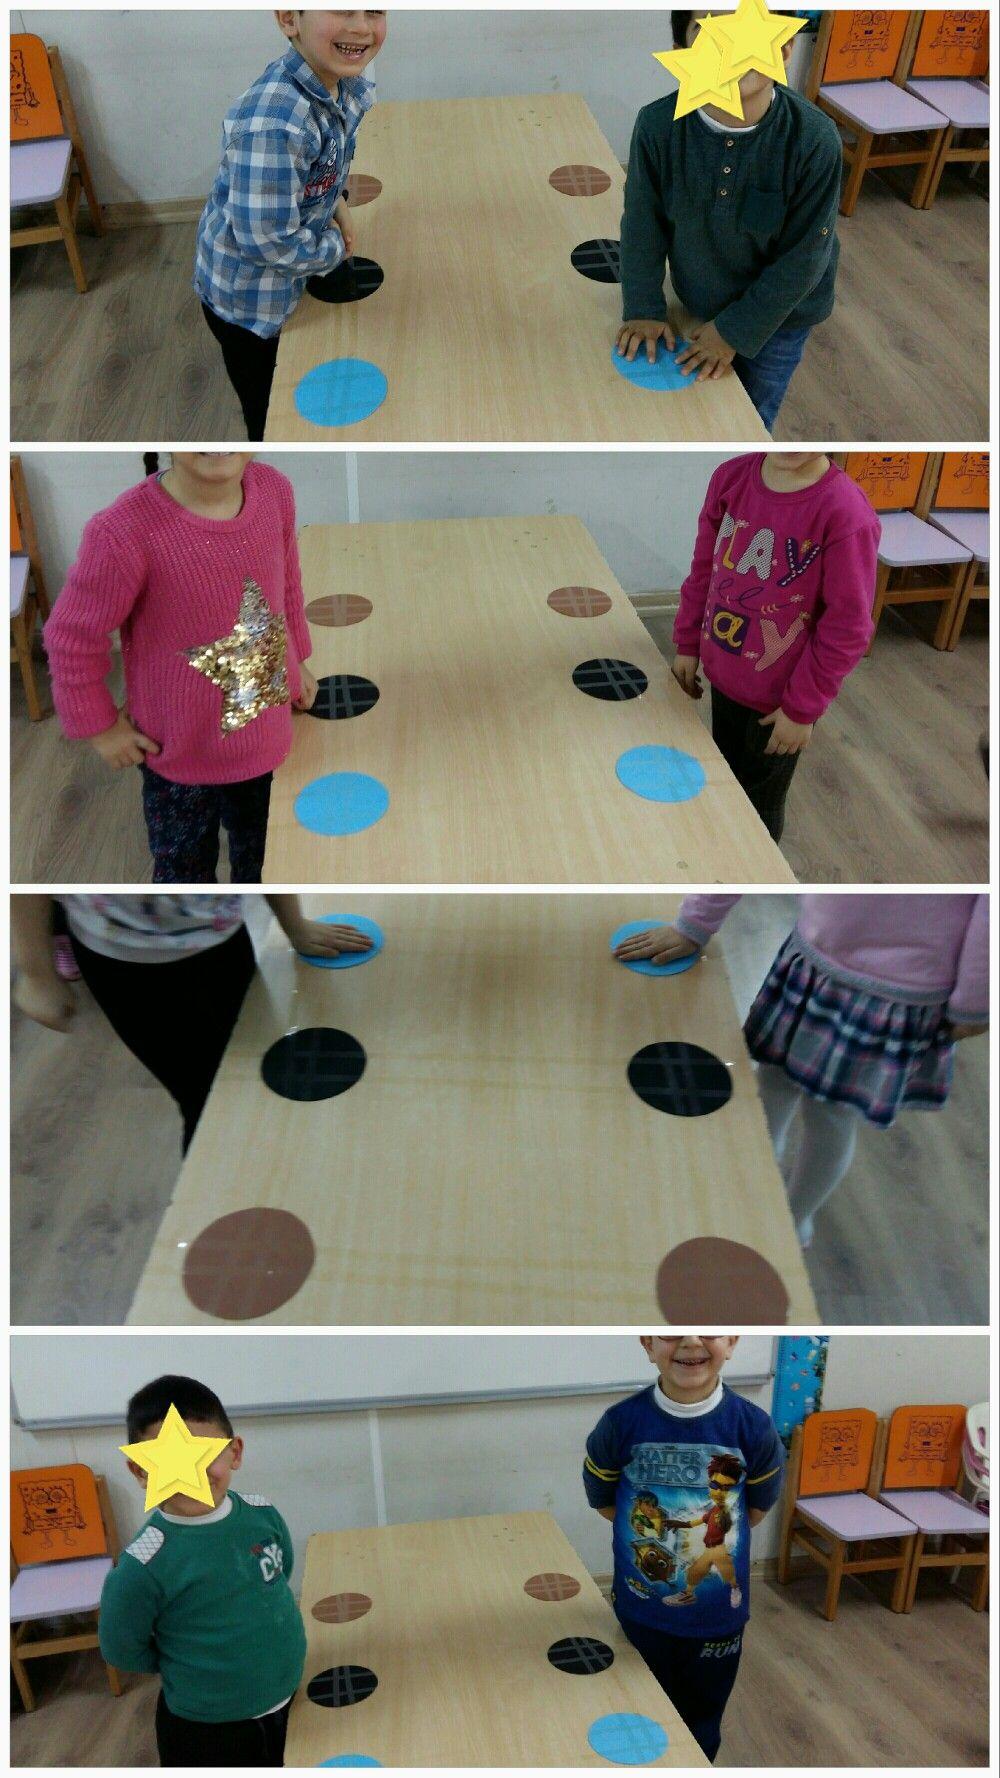 Oyun Daire Renkleri Istediginiz Renkler Olabilir Oyun Cok Basit Dikkat Leri Toplayip Hangi Renk Denildiyse O Renge Ellerini Koya Oyun Renkler Okul Oncesi